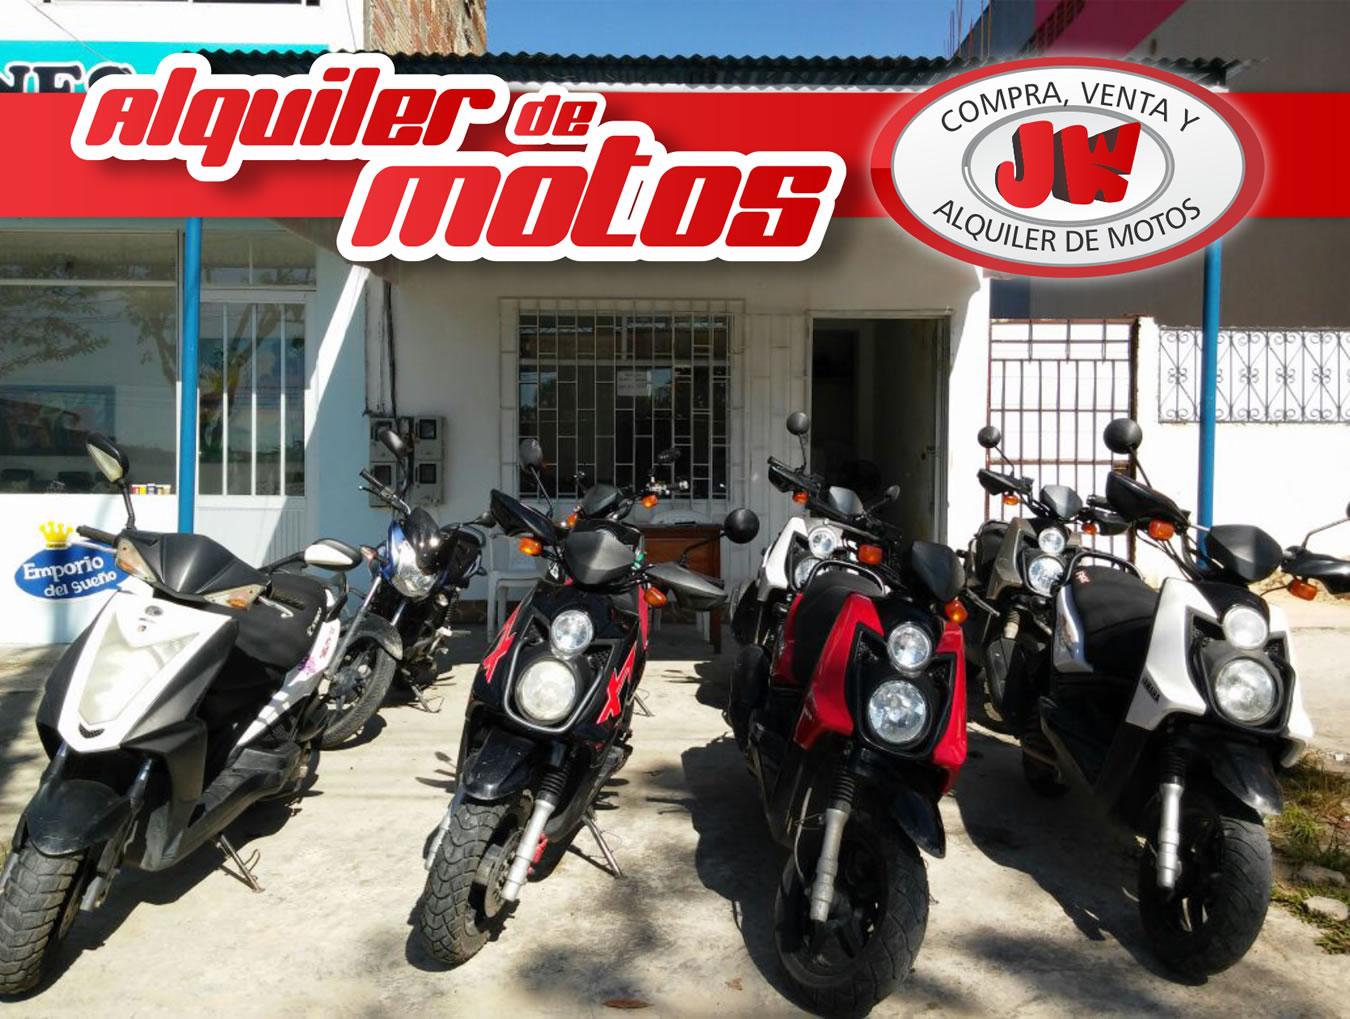 Pagina Oficial Alquiler Compra Venta De Motos Jw Leticia